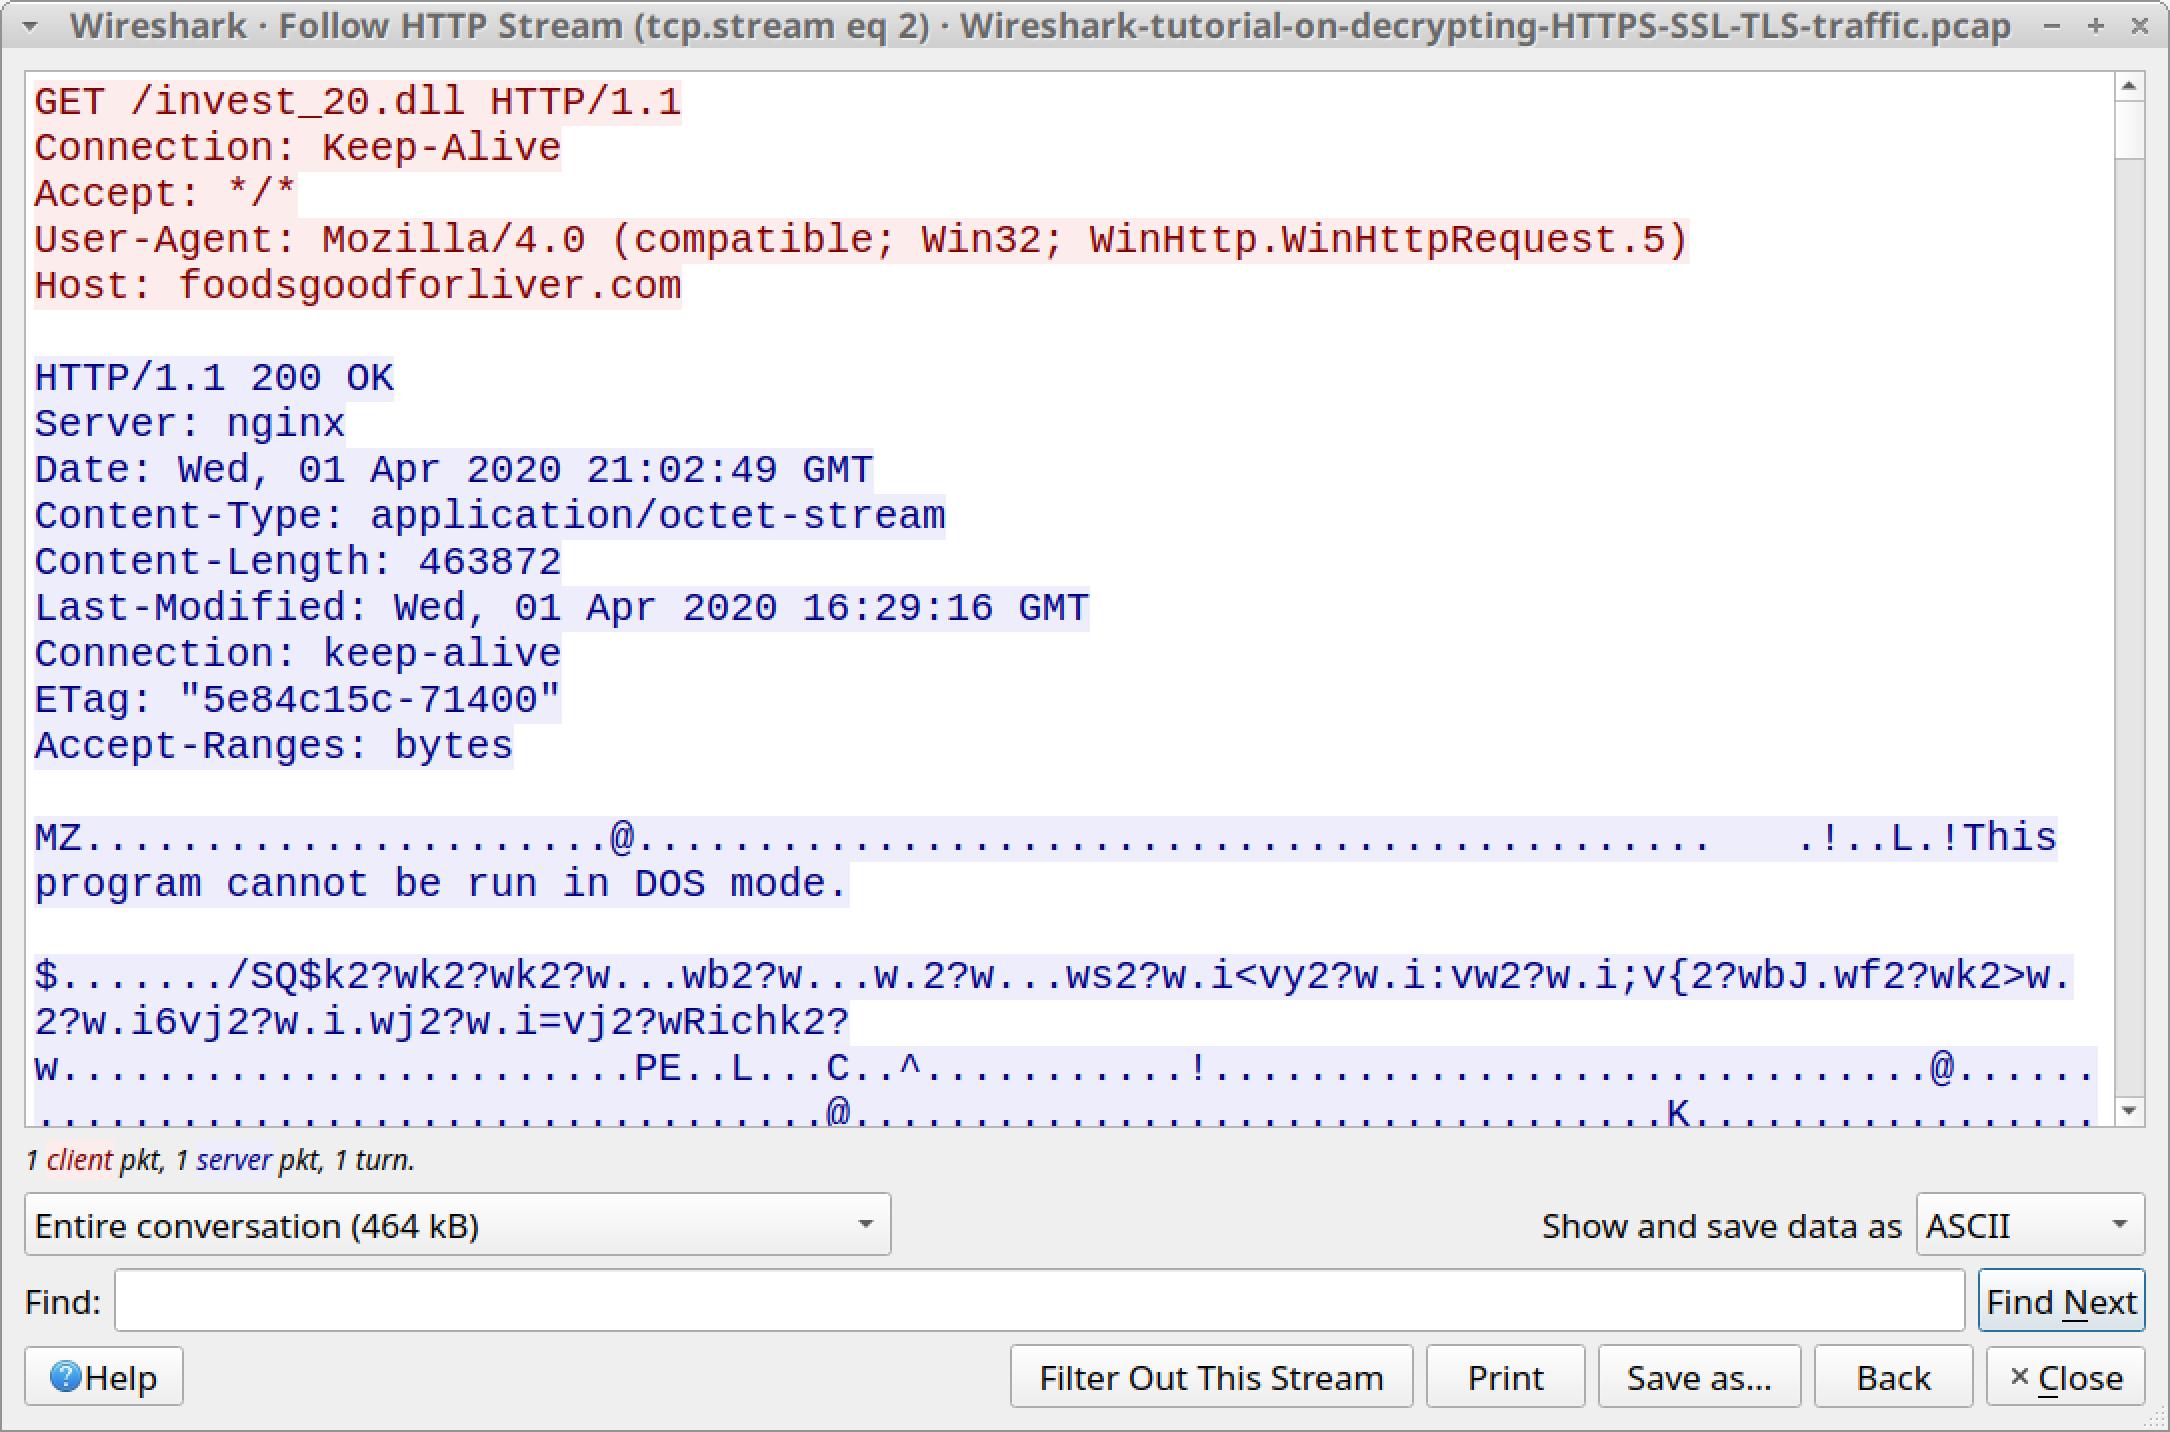 Wireshark で Wireshark-tutorial-on-decrypting-HTTPS-SSL-TLS-traffic.pcap に含まれる HTTP ストリーム(tcp.stream eq 2)を追跡しているスクリーンショット。HTTPストリームはサーバーからEXEないしDLLを返す様子を示している